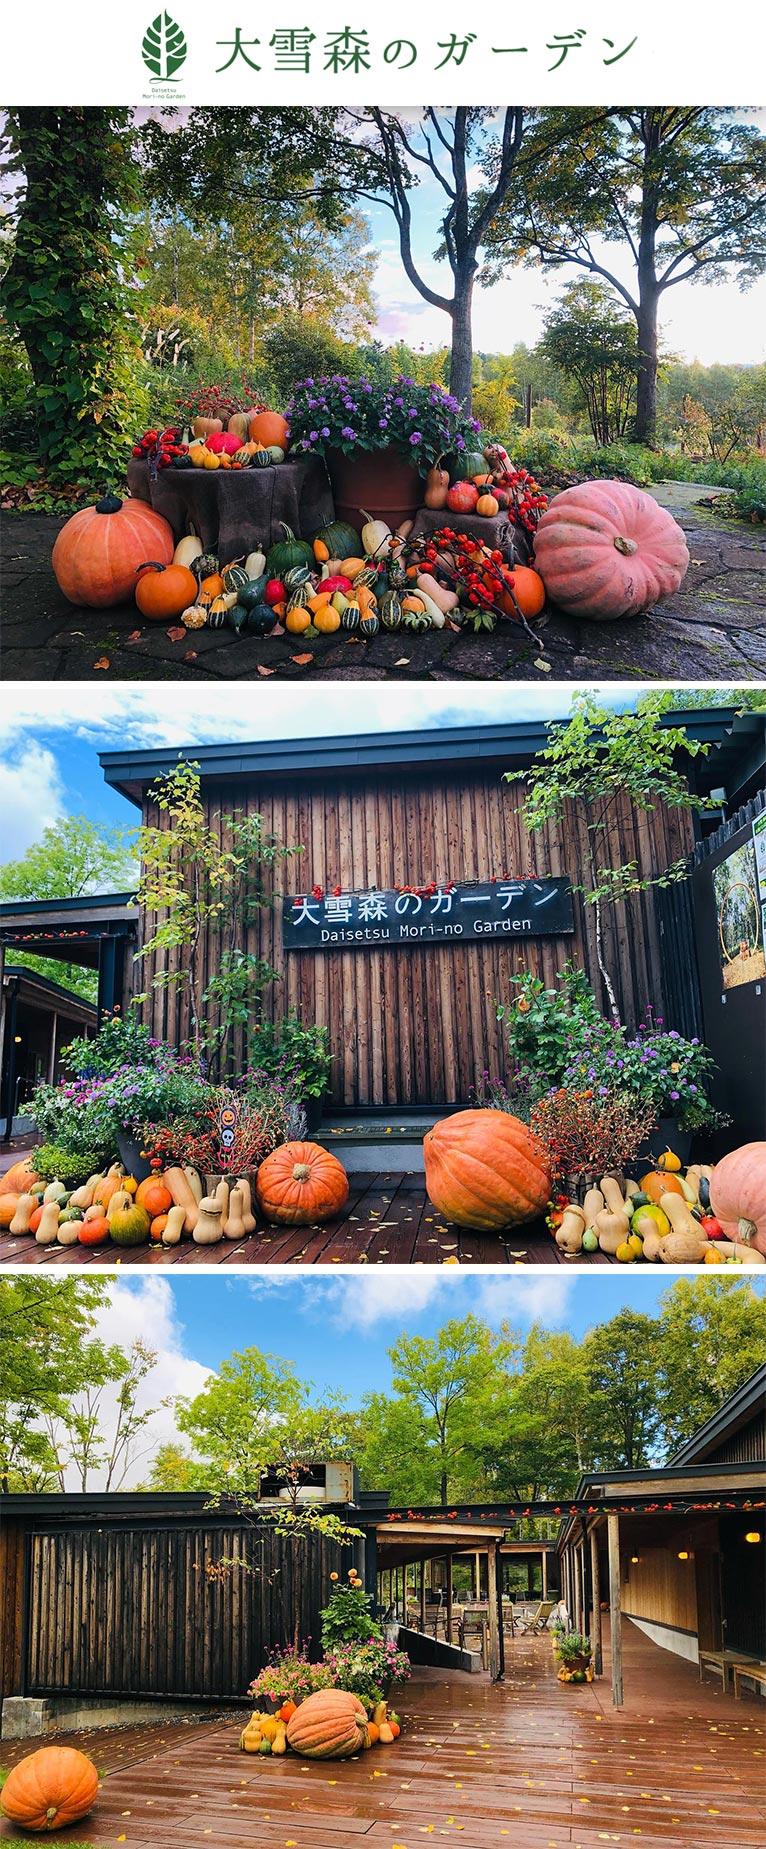 カボチャたちが2021年10月11日の営業最終日までガーデンを彩ります! 大雪森のガーデン